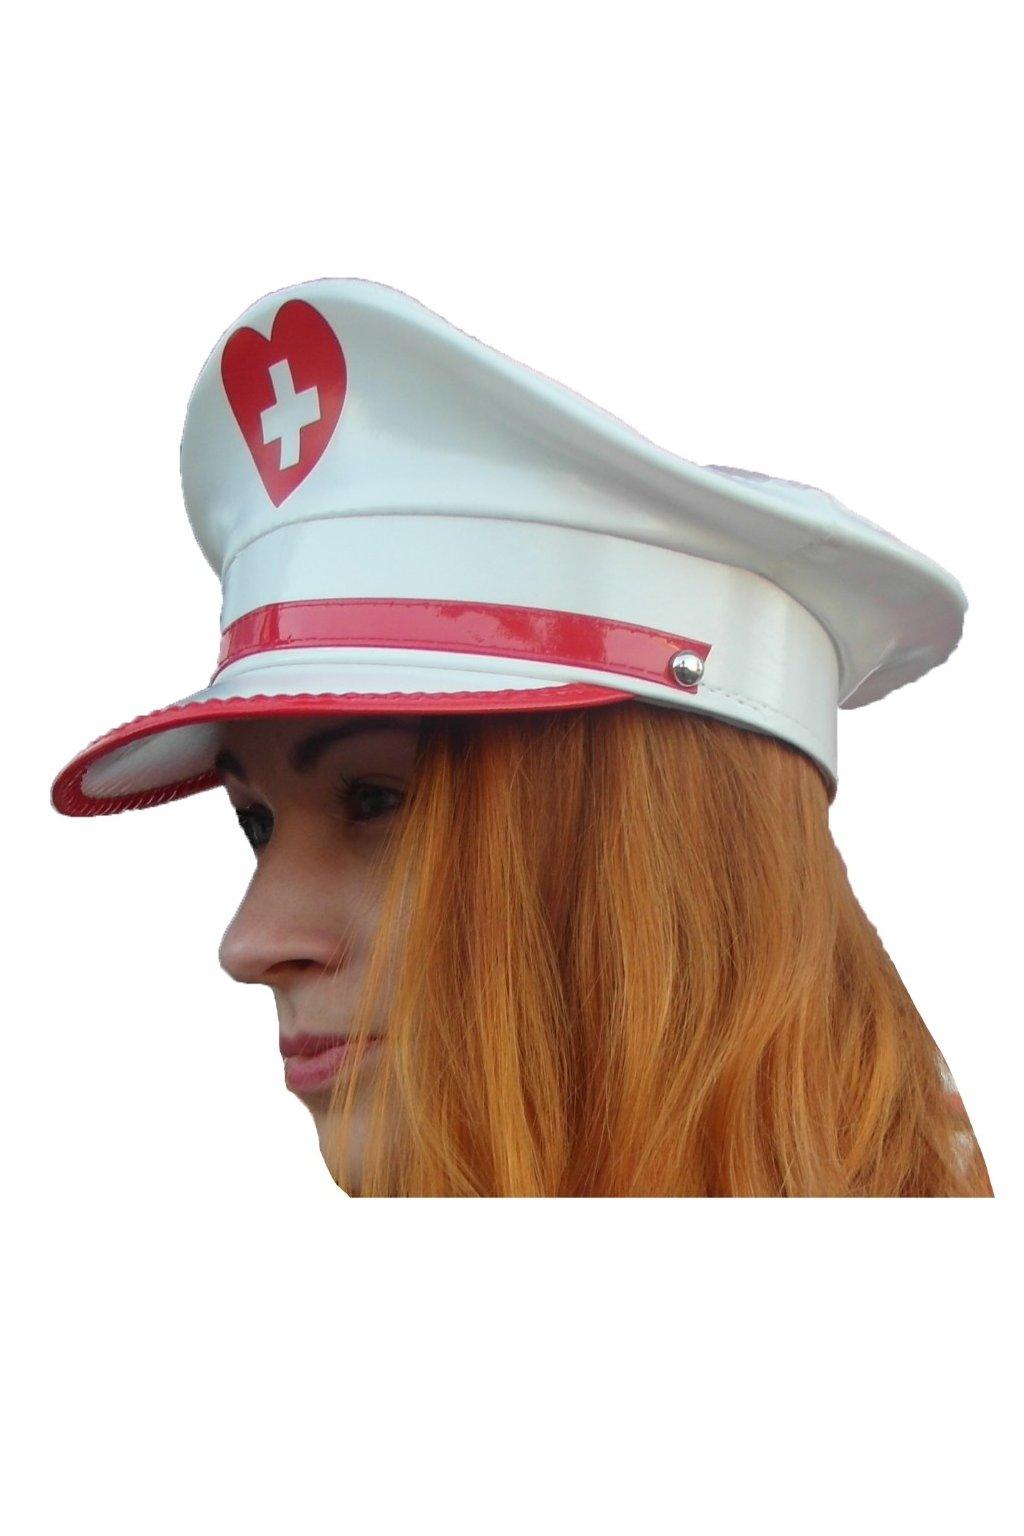 Čepice pro sestru - doktora